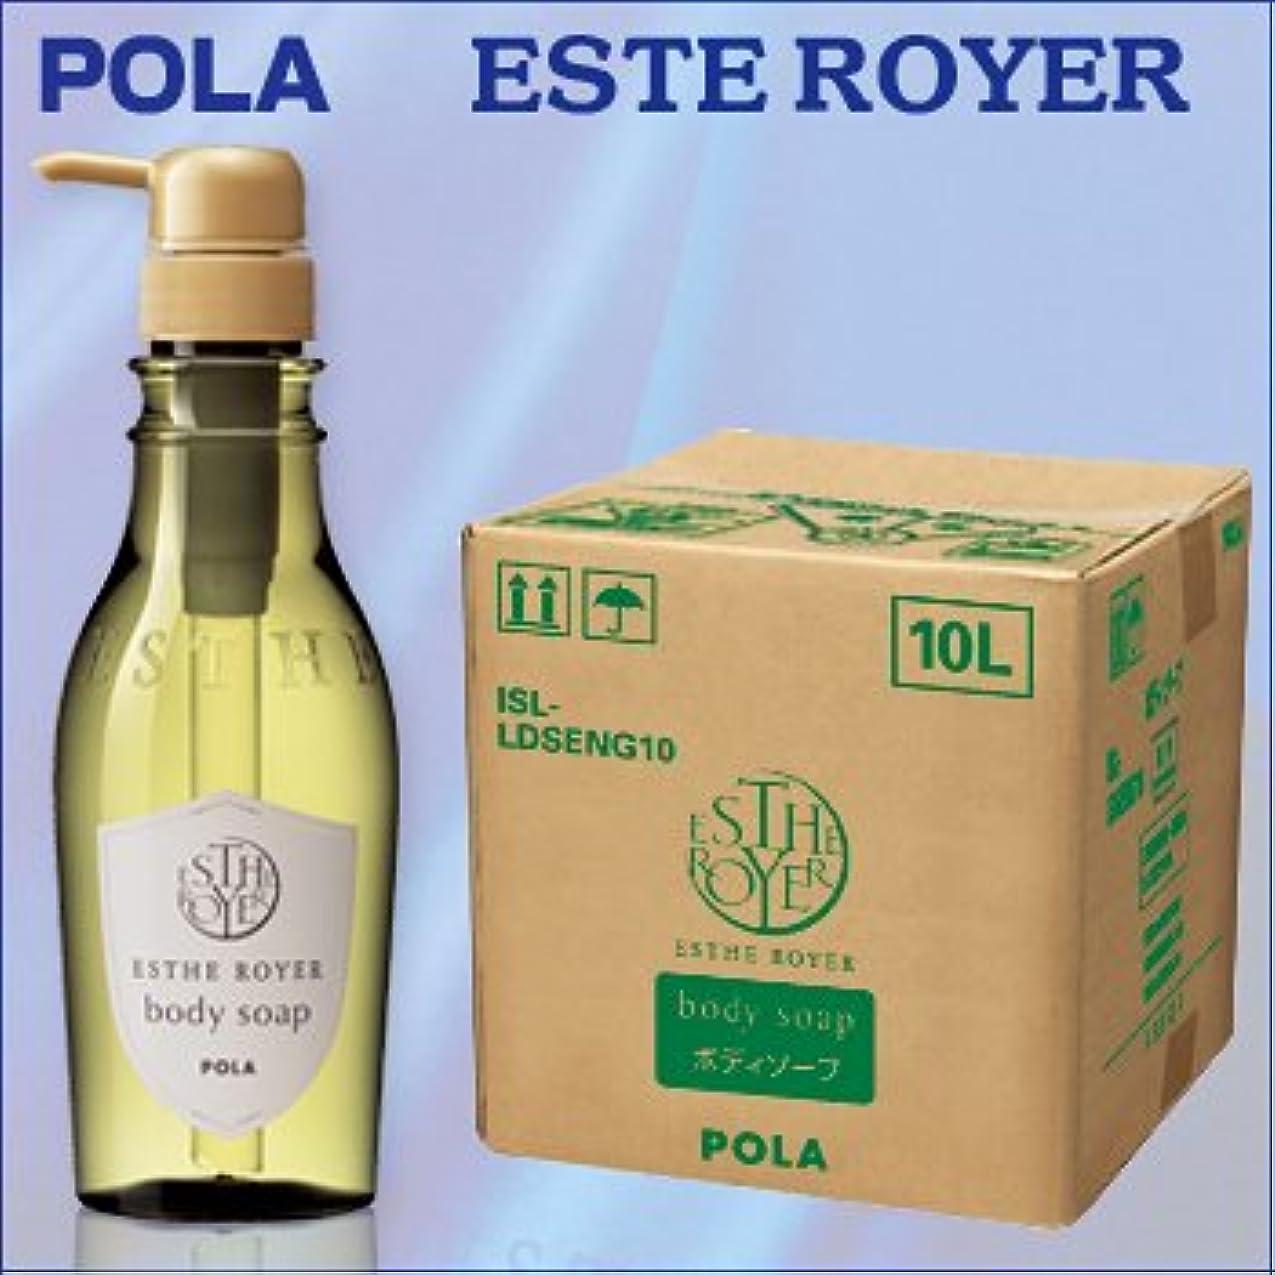 減衰アスレチック動機付けるPOLA エステロワイエ 業務用 ボディソープ 10L